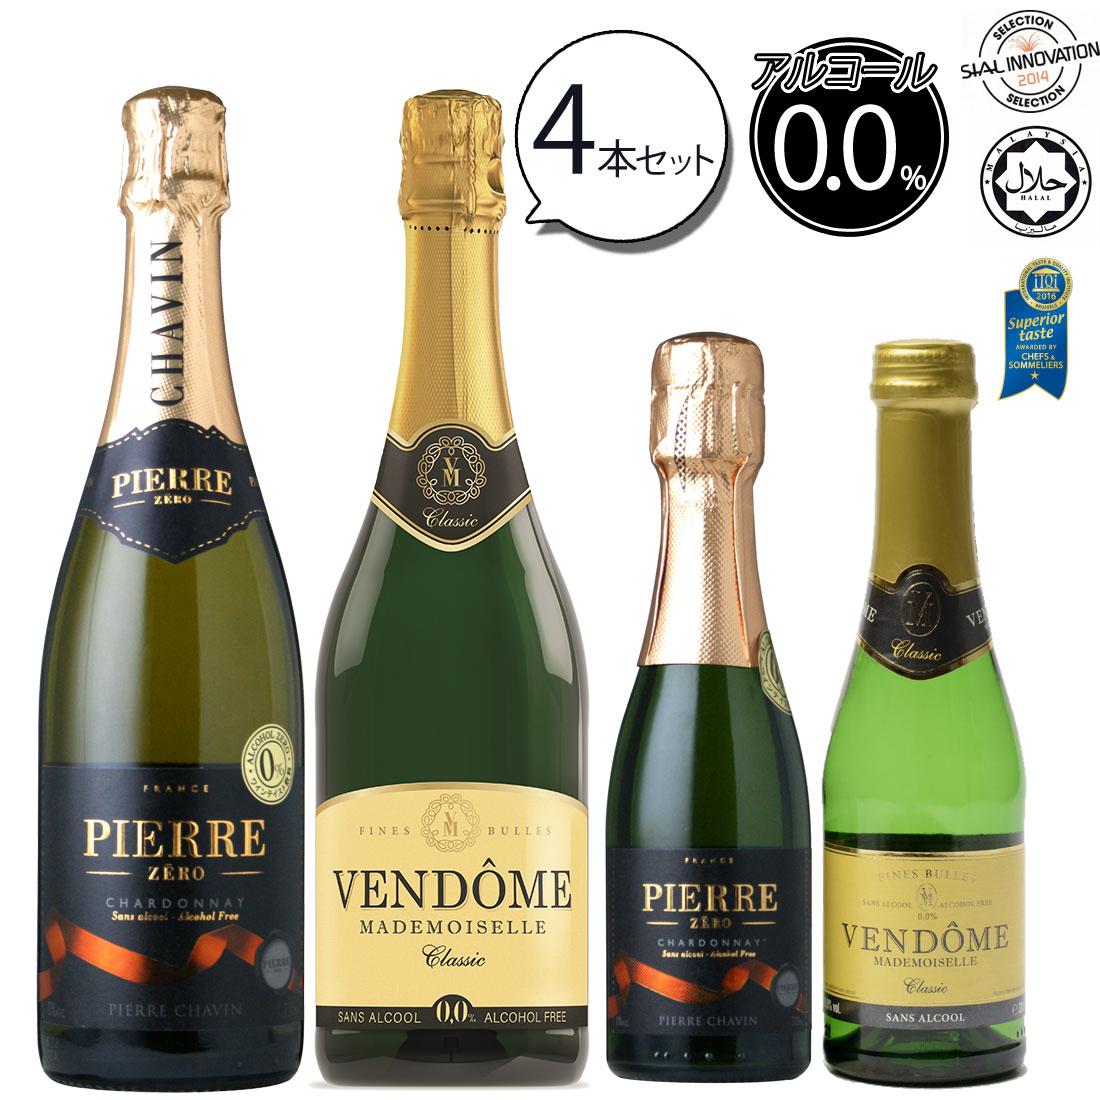 ハラル認証 ノンアルコール ワイン 辛口 大幅にプライスダウン お祝い パーティー などに 送料無料 ノンアルコールワイン ヴァンドーム ピエールゼロ フランス プレゼント 記念日 飲み比べ4本セット 箱買い スパークリングワイン シャンパン 白 ドリンク オンラインショップ 0.0% ギフト